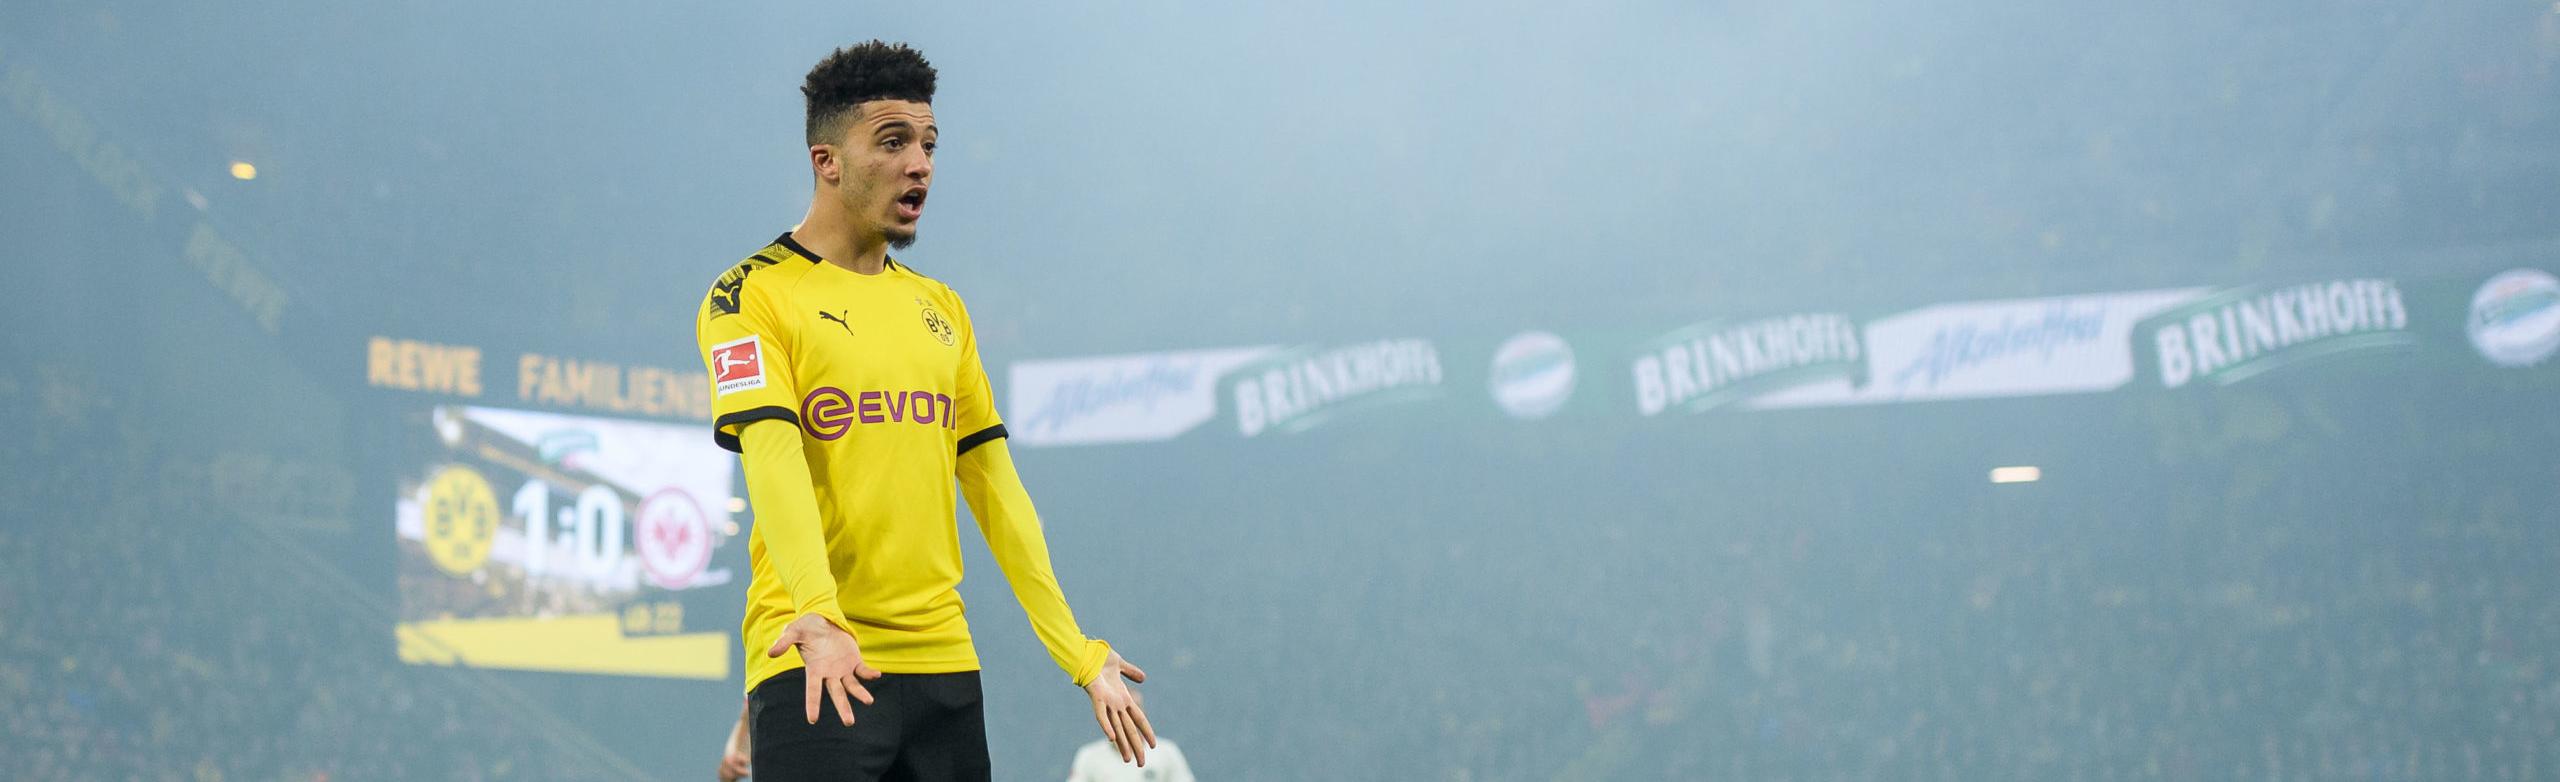 I migliori giocatori della Bundesliga: la top 11 del 2019/20